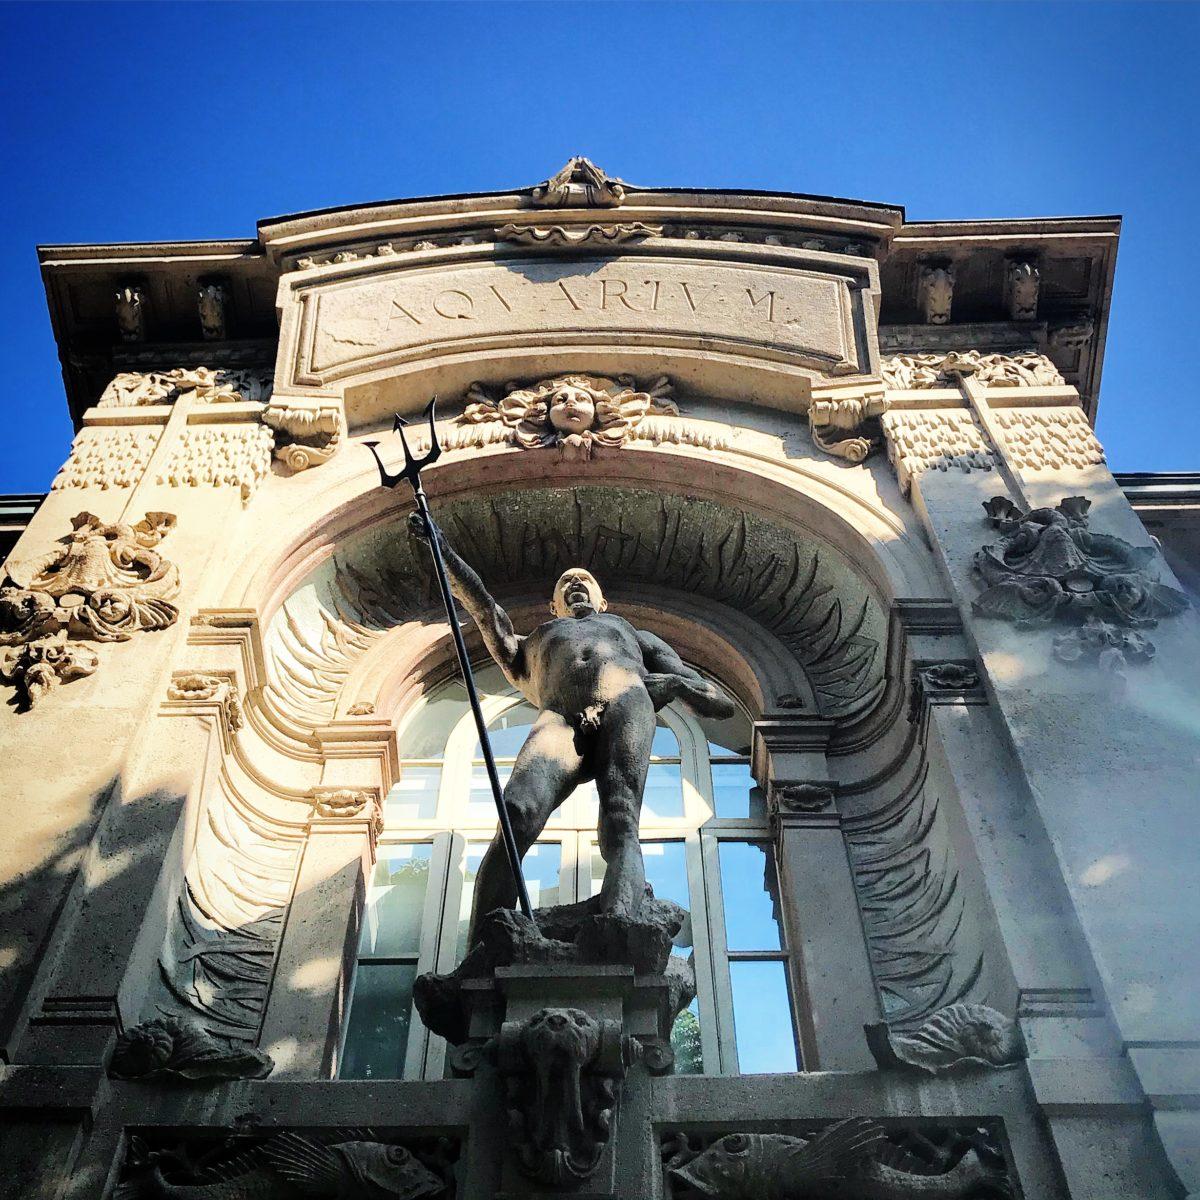 L'ingresso dell'Acquario Civico di MIlano in pieno stile Liberty